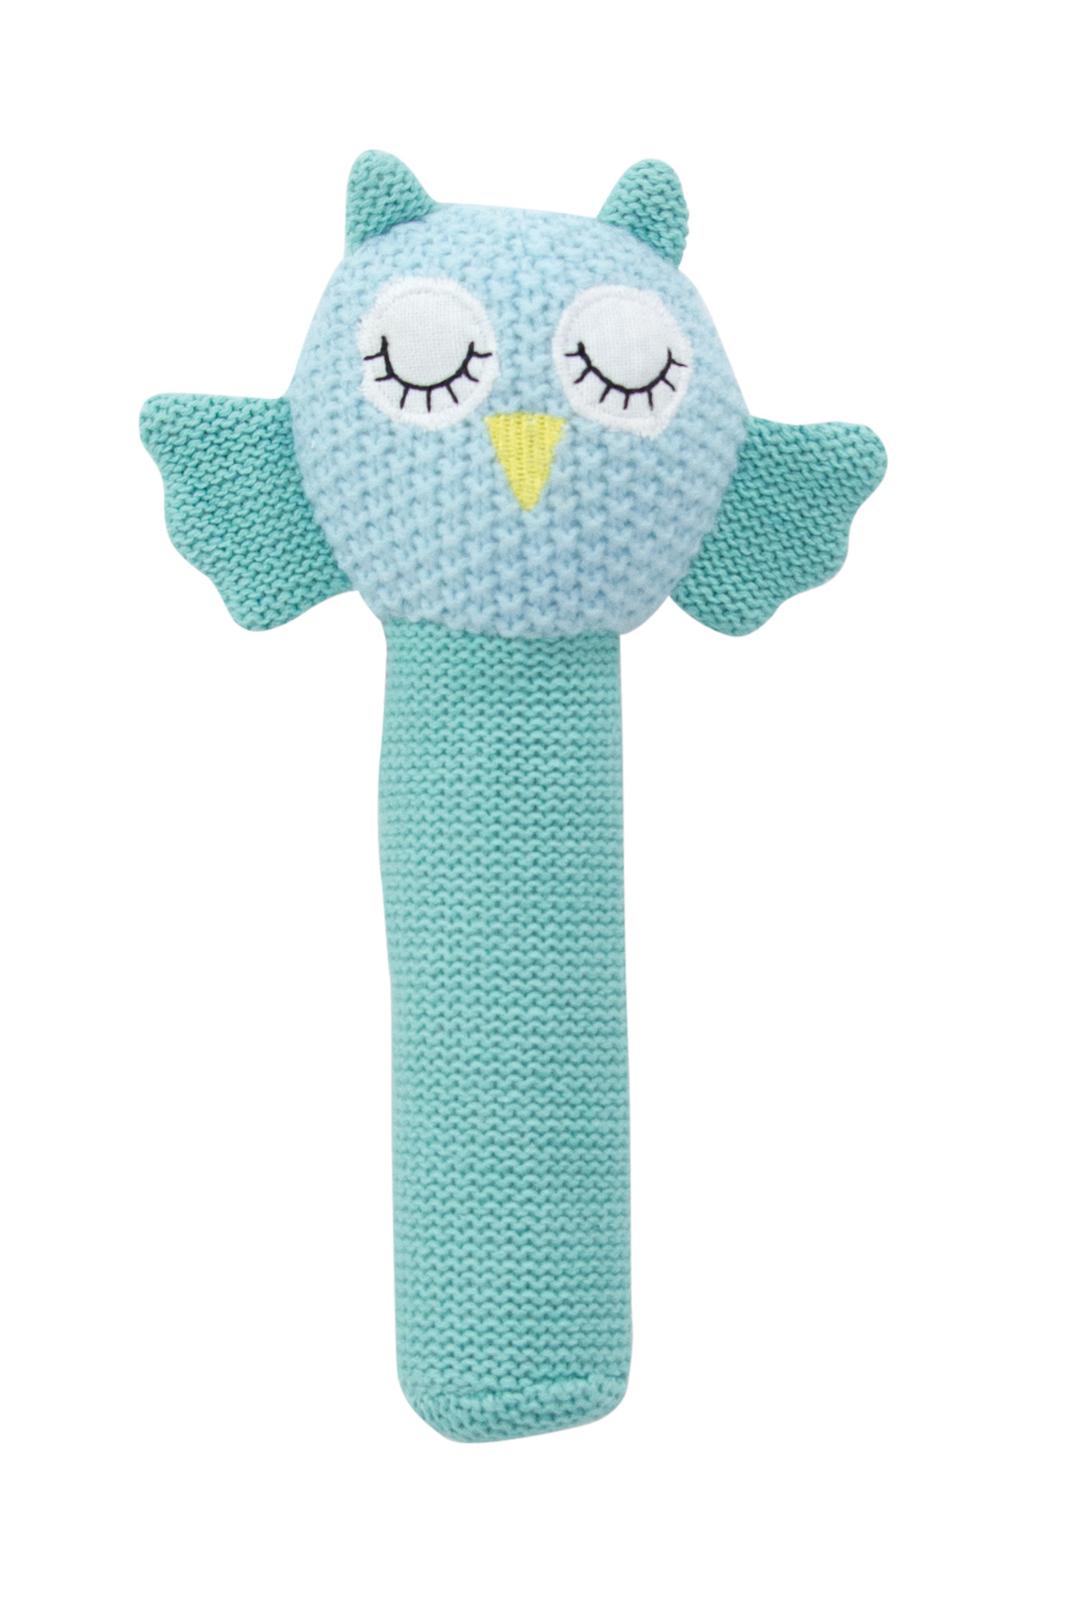 Hand Rattle - Crochet Owl image